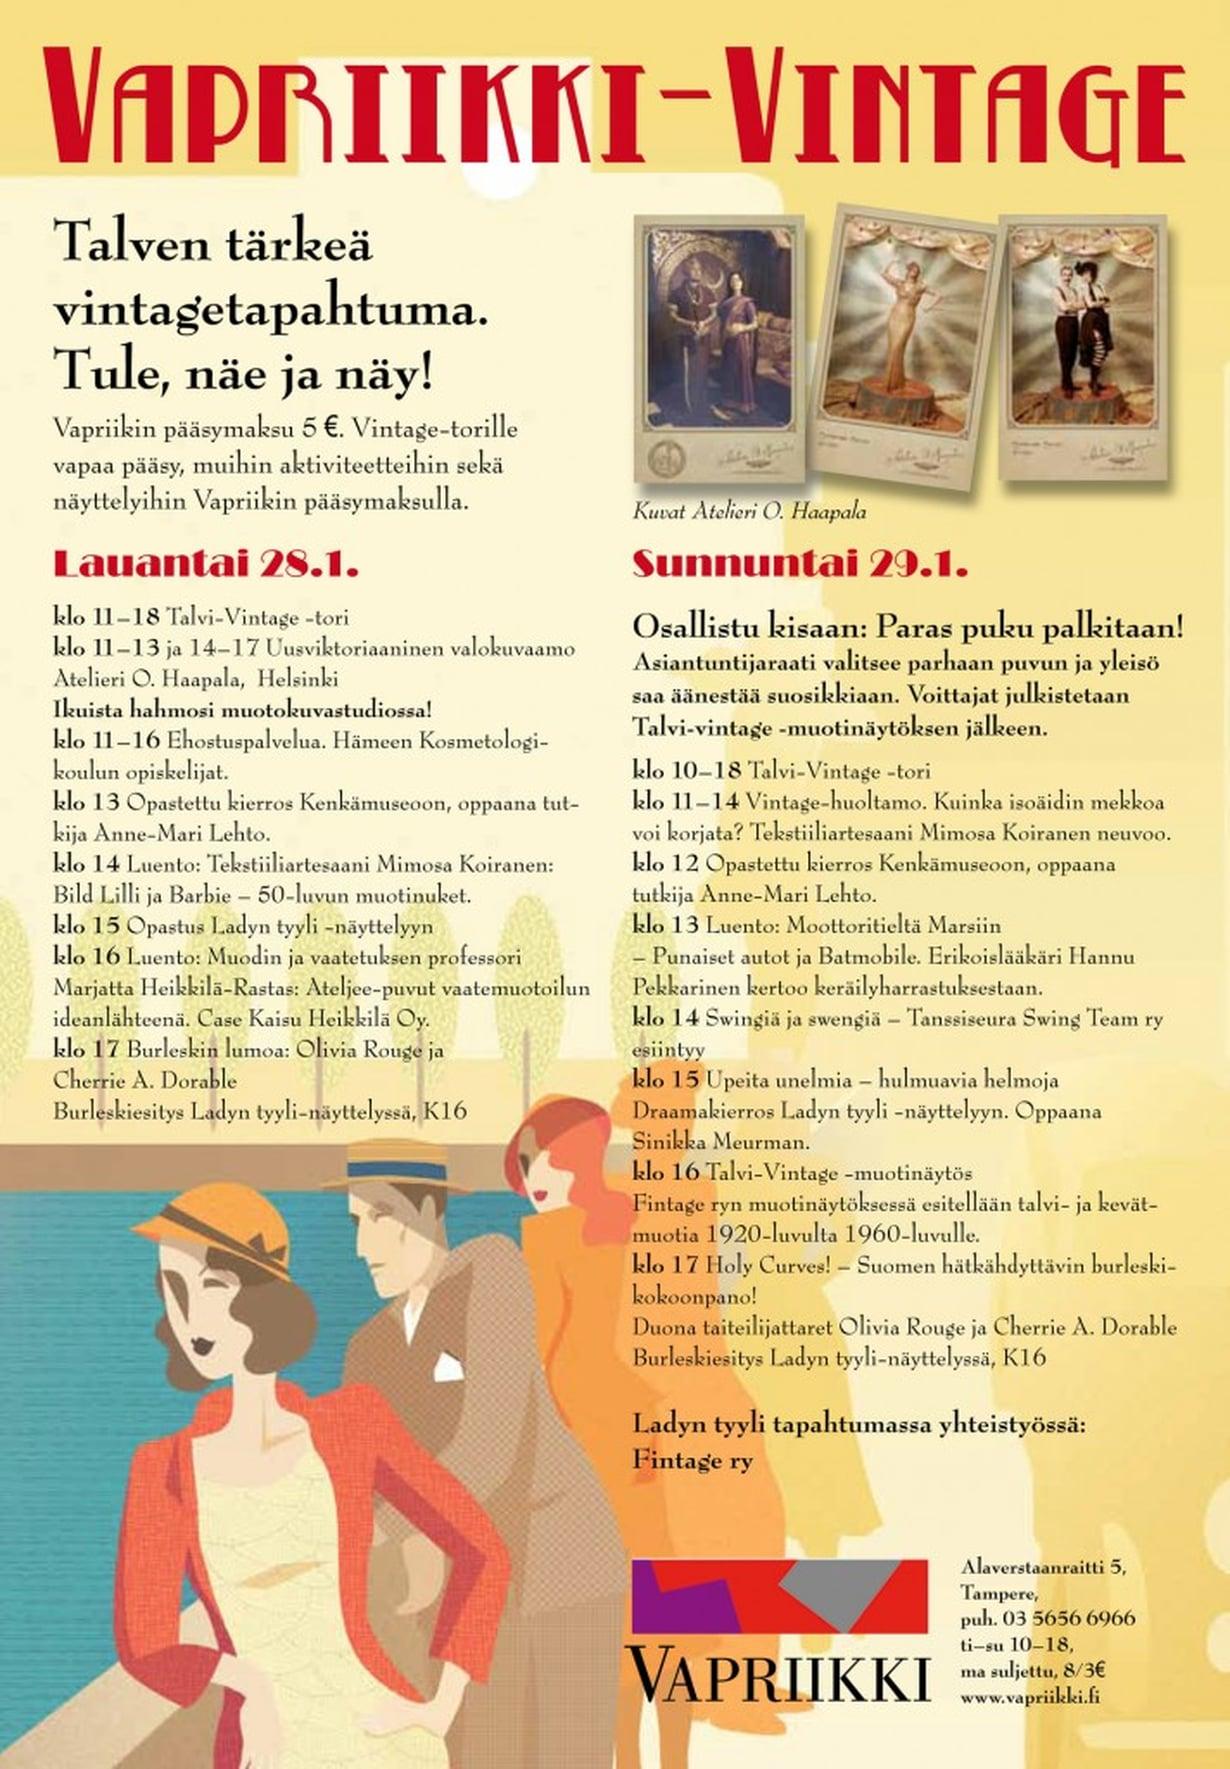 vapriikki-vintage-tapahtuma-712x10241